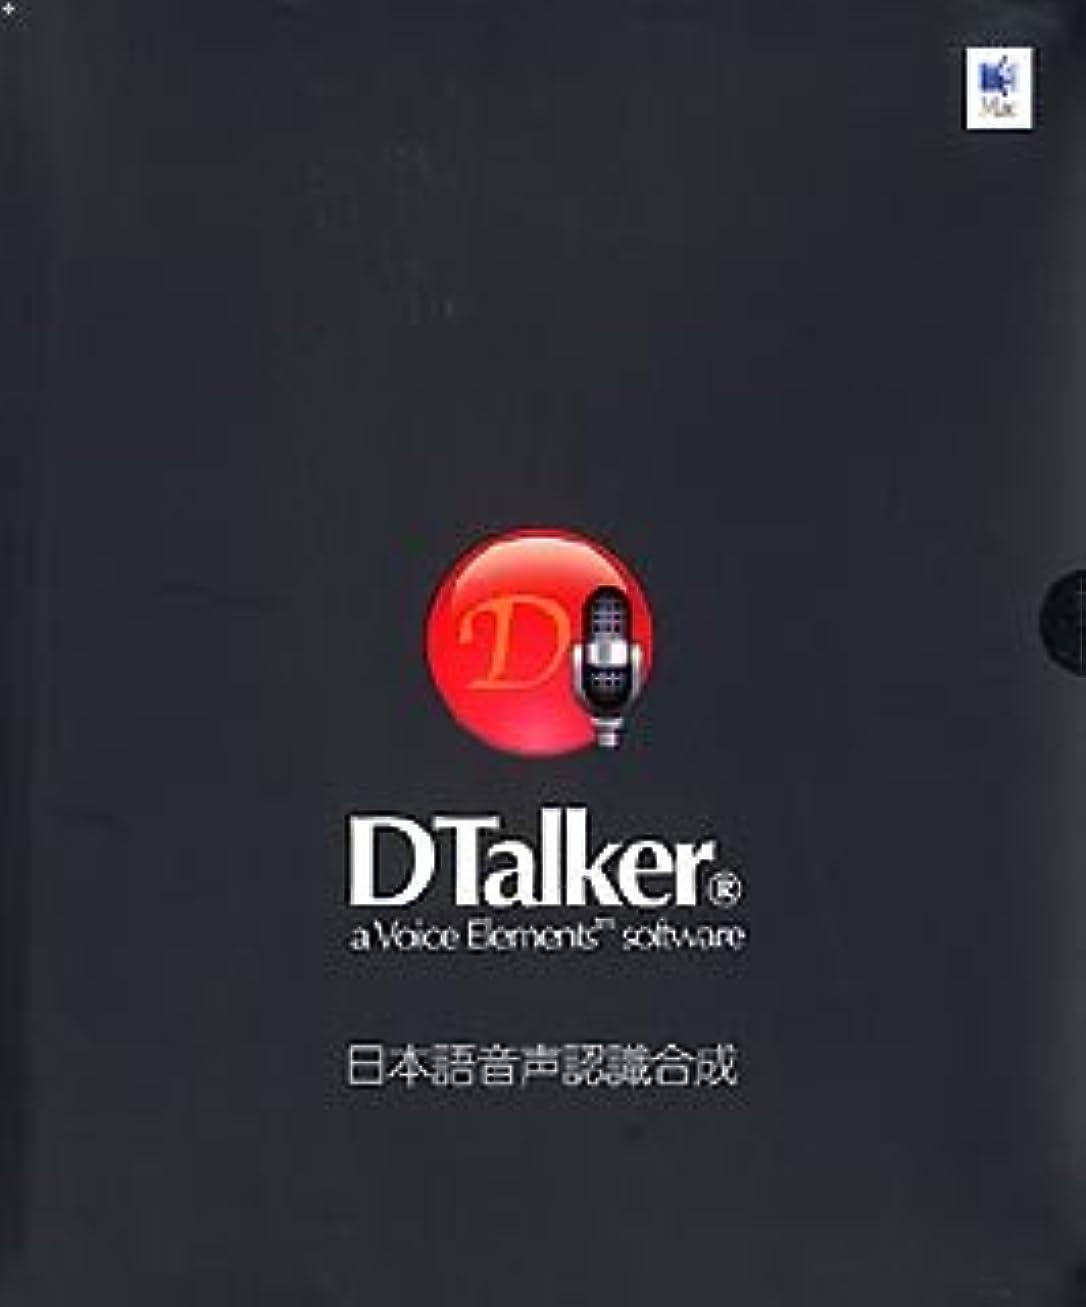 気怠いアジア人コミットメントa Voice Elements Software DTalker 2.1